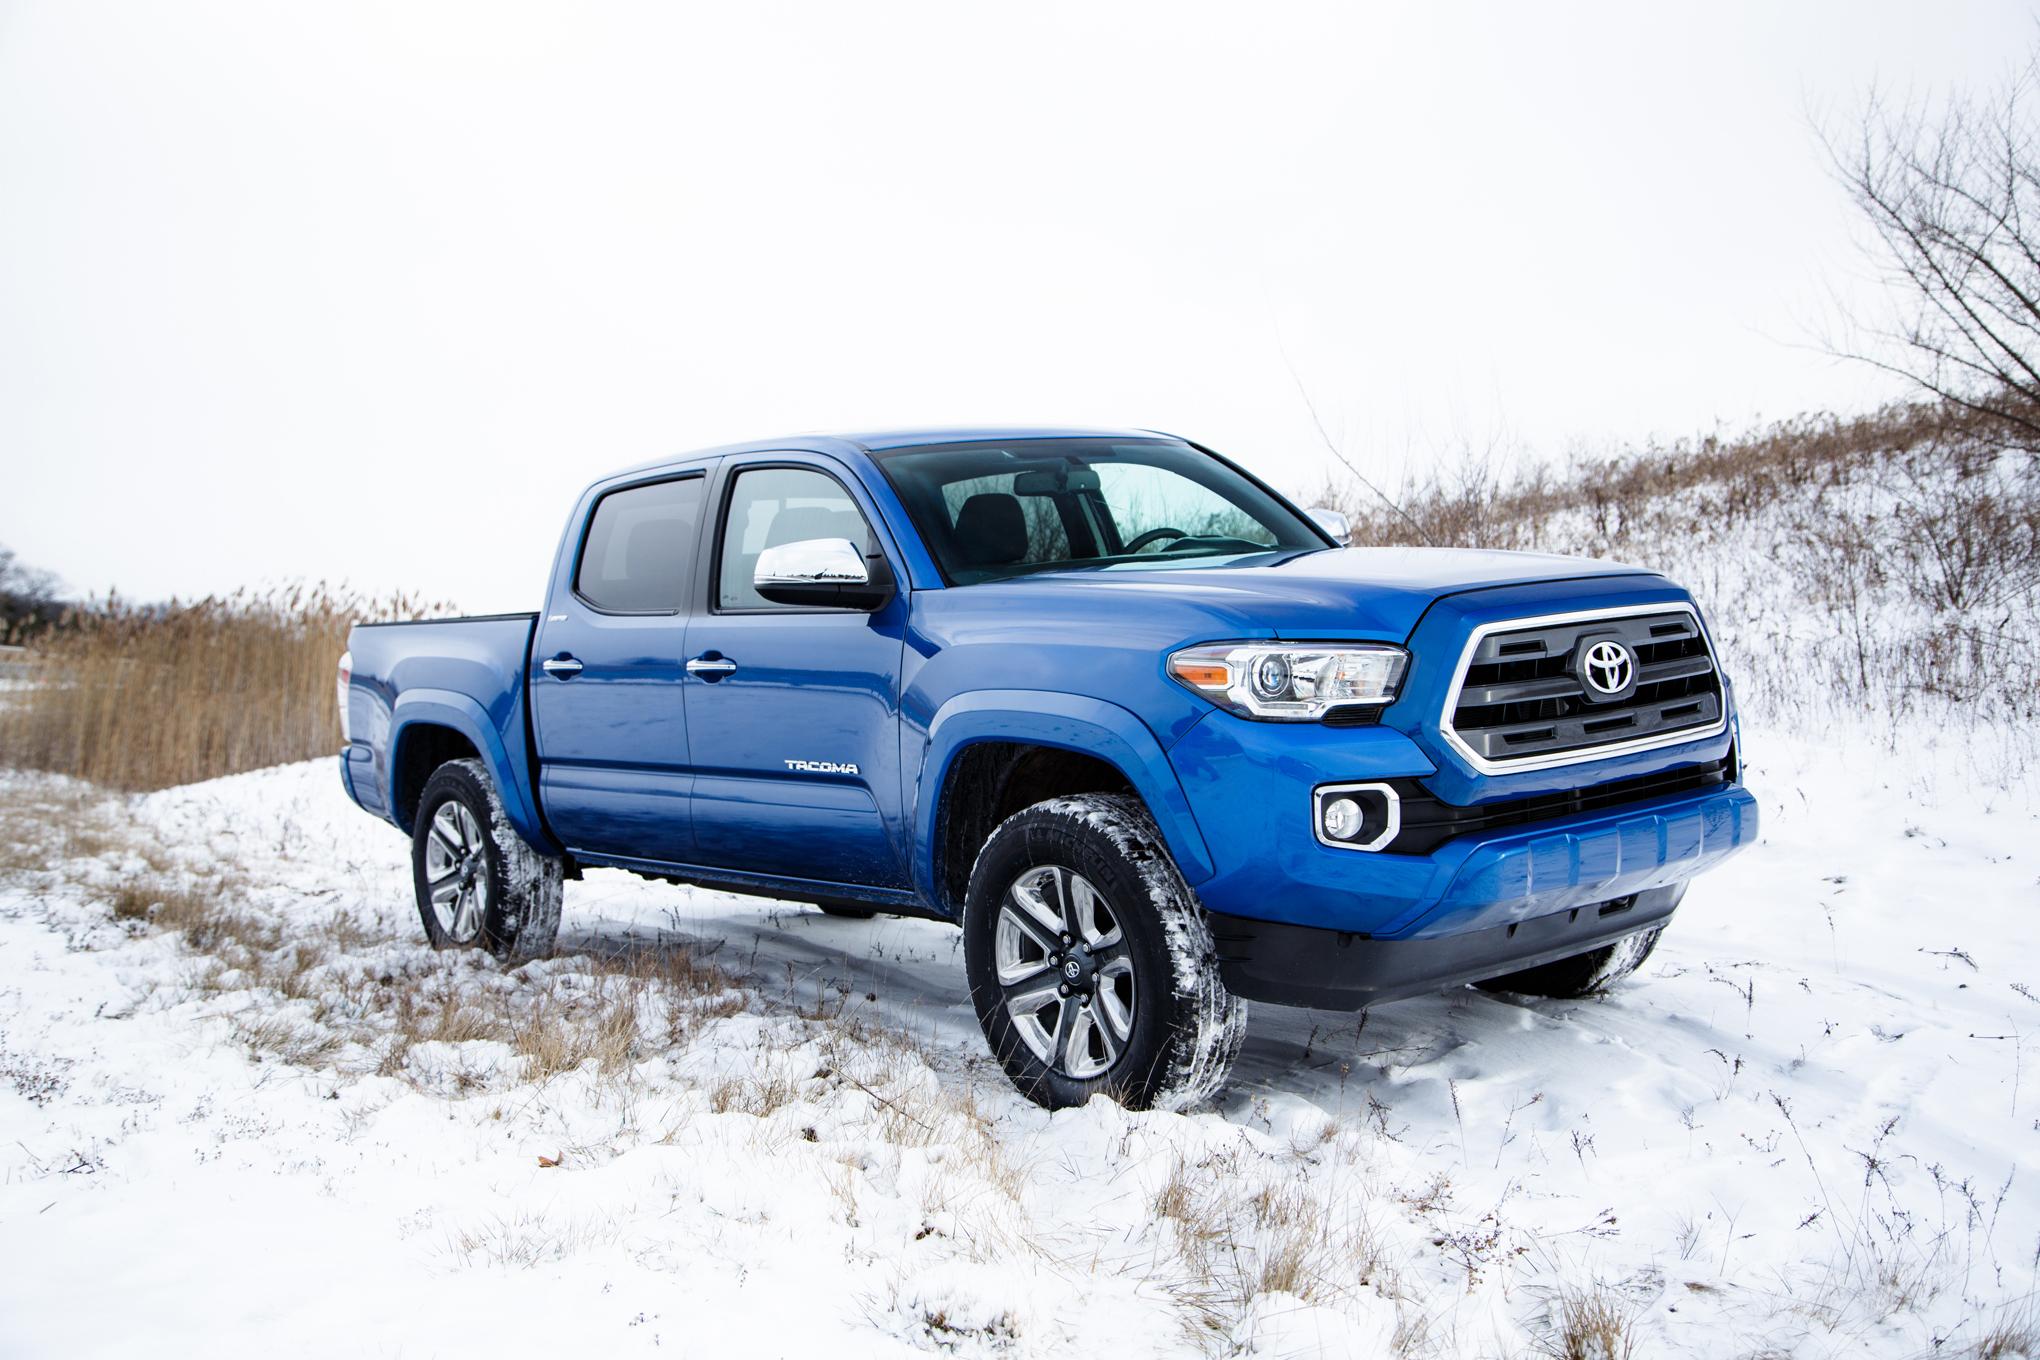 2016 Toyota Tacoma Exterior Preview